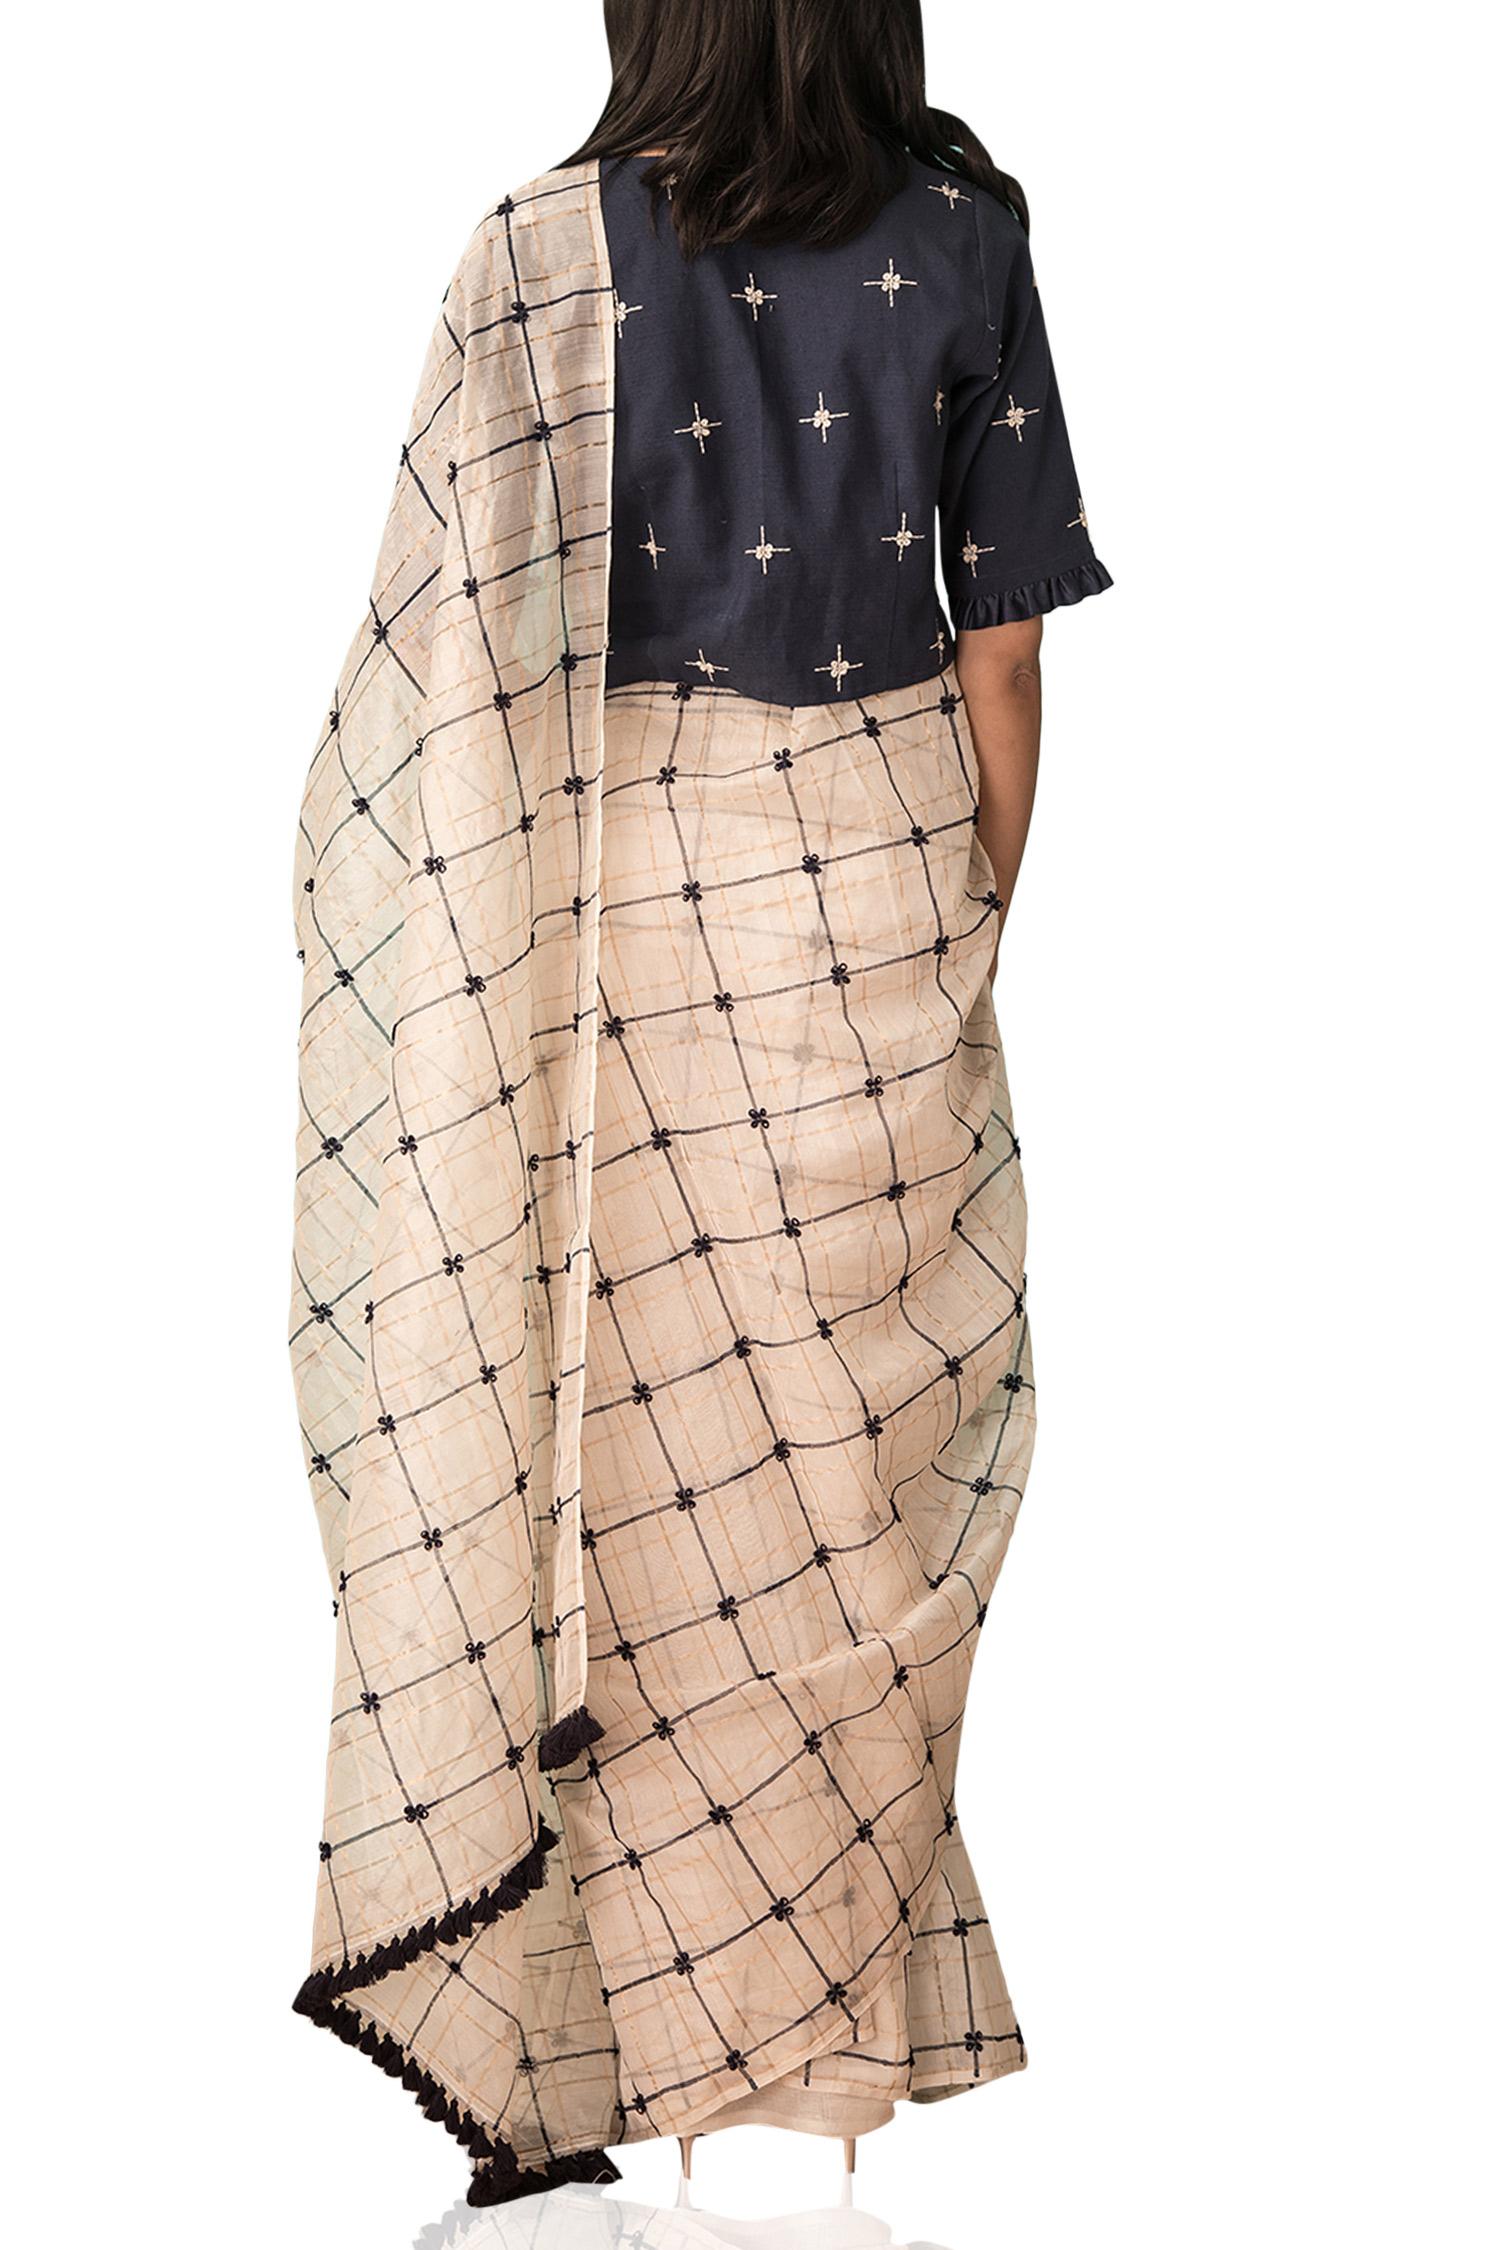 fe82915997f4e4 Zari checkerd sari - Kanelle - Designers